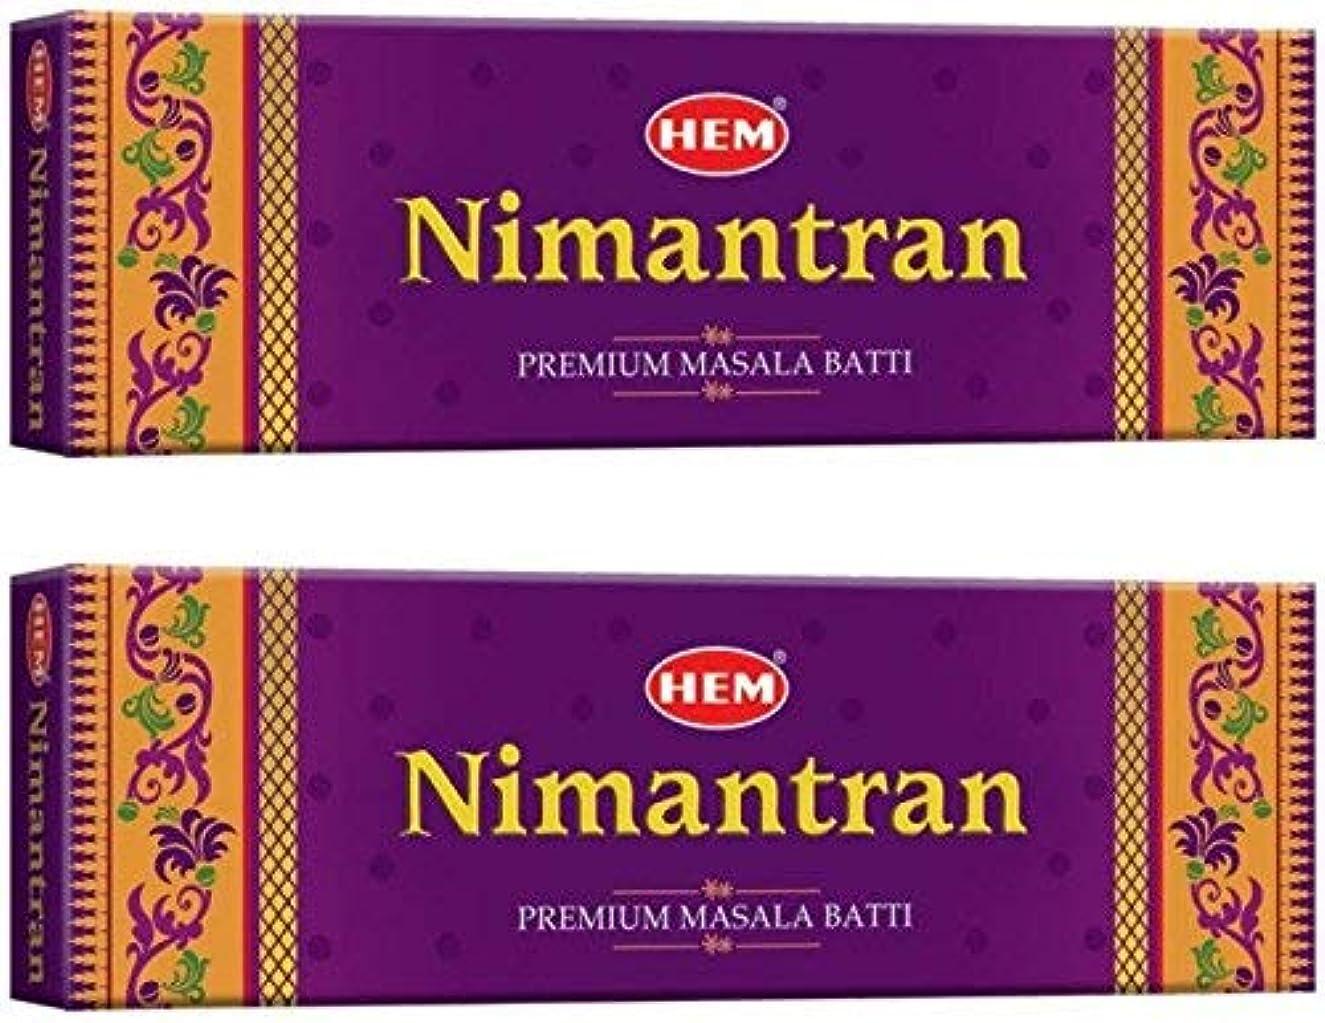 消費する先住民生物学Hem Nimantran Incense Stick Pack of 2(12.4 cm x 9.4 cm x 24 cm, Brown)